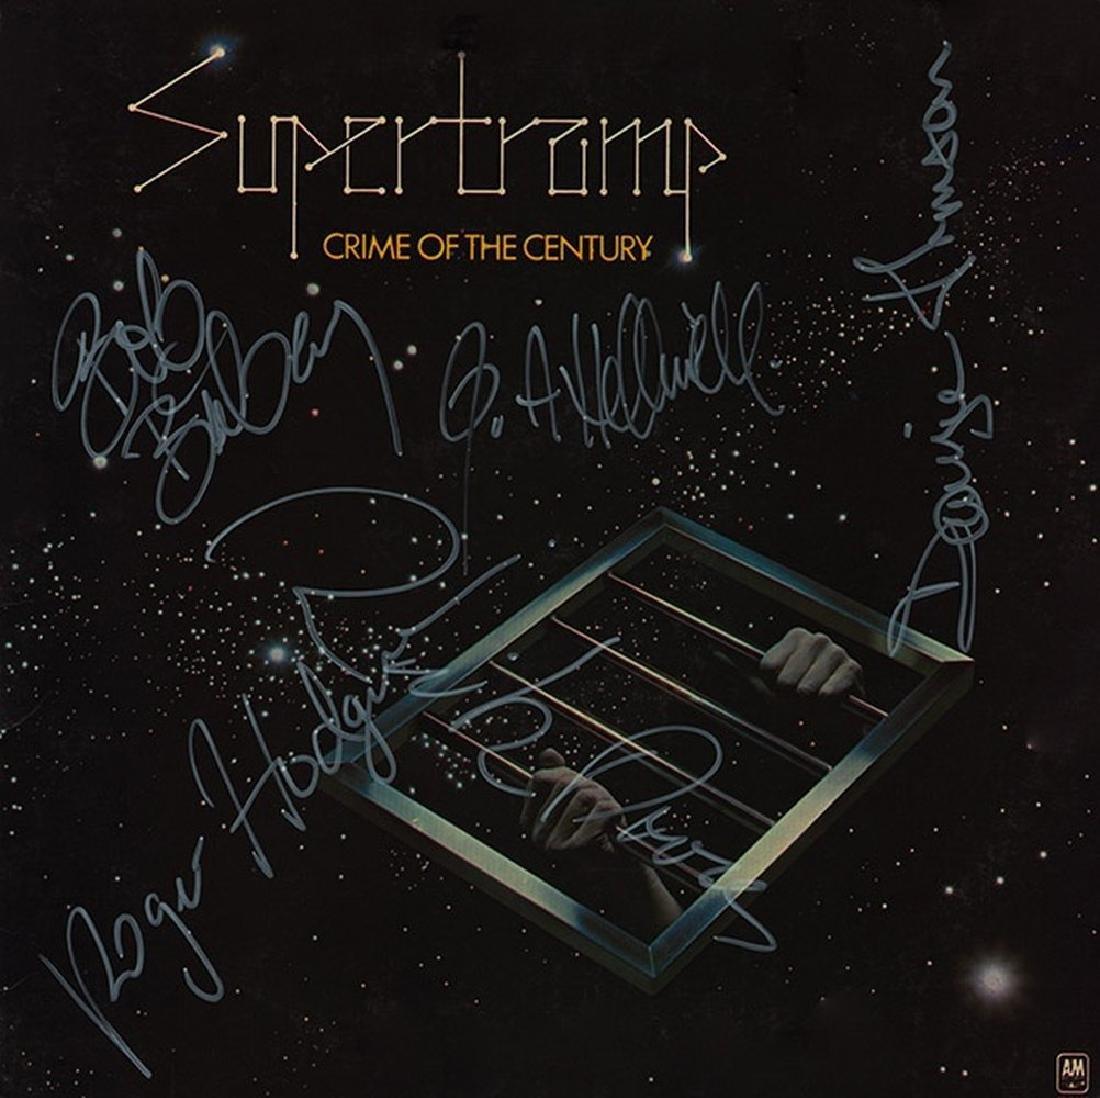 """Supertramp """"Crime of the Century"""" Album"""